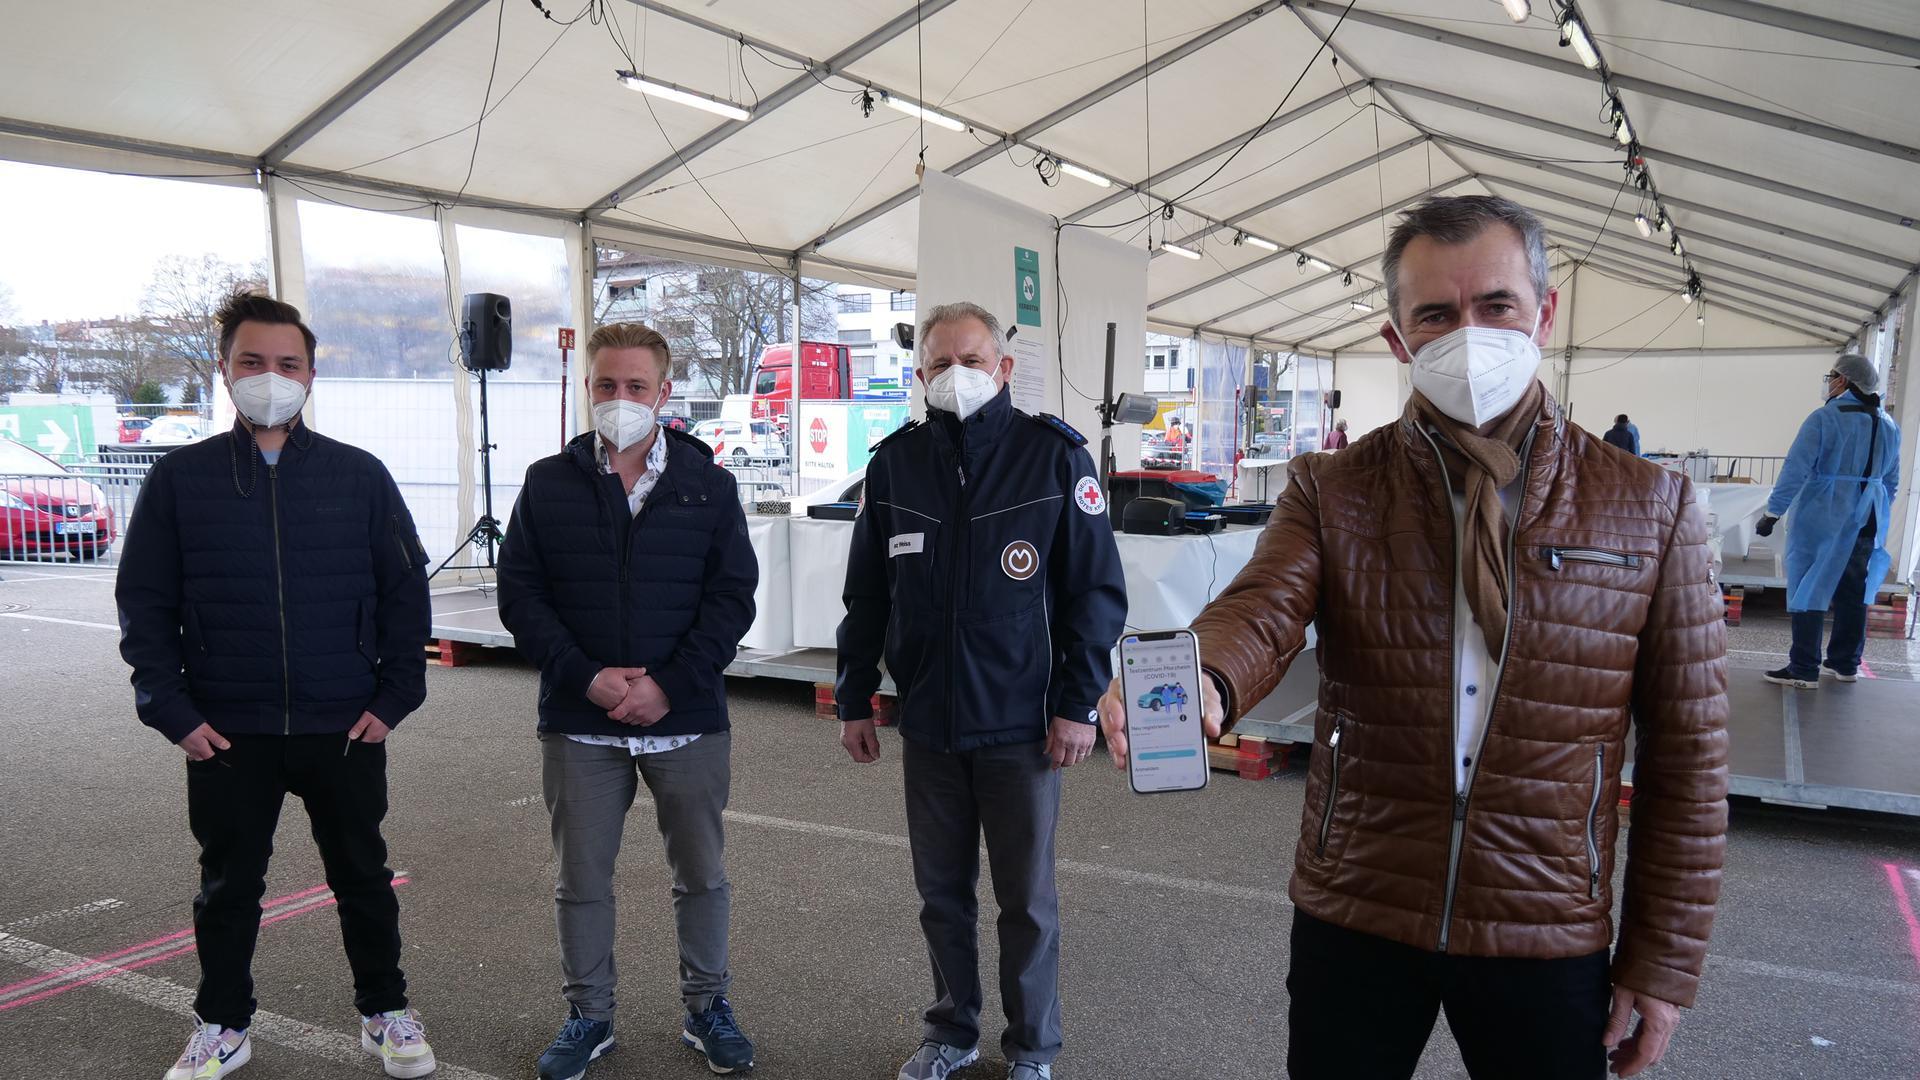 Marcus Mürle, Robin Stephan, Franz Weiss und Marco Nabinger (von links) im Corona-Testzentrum in Pforzheim.